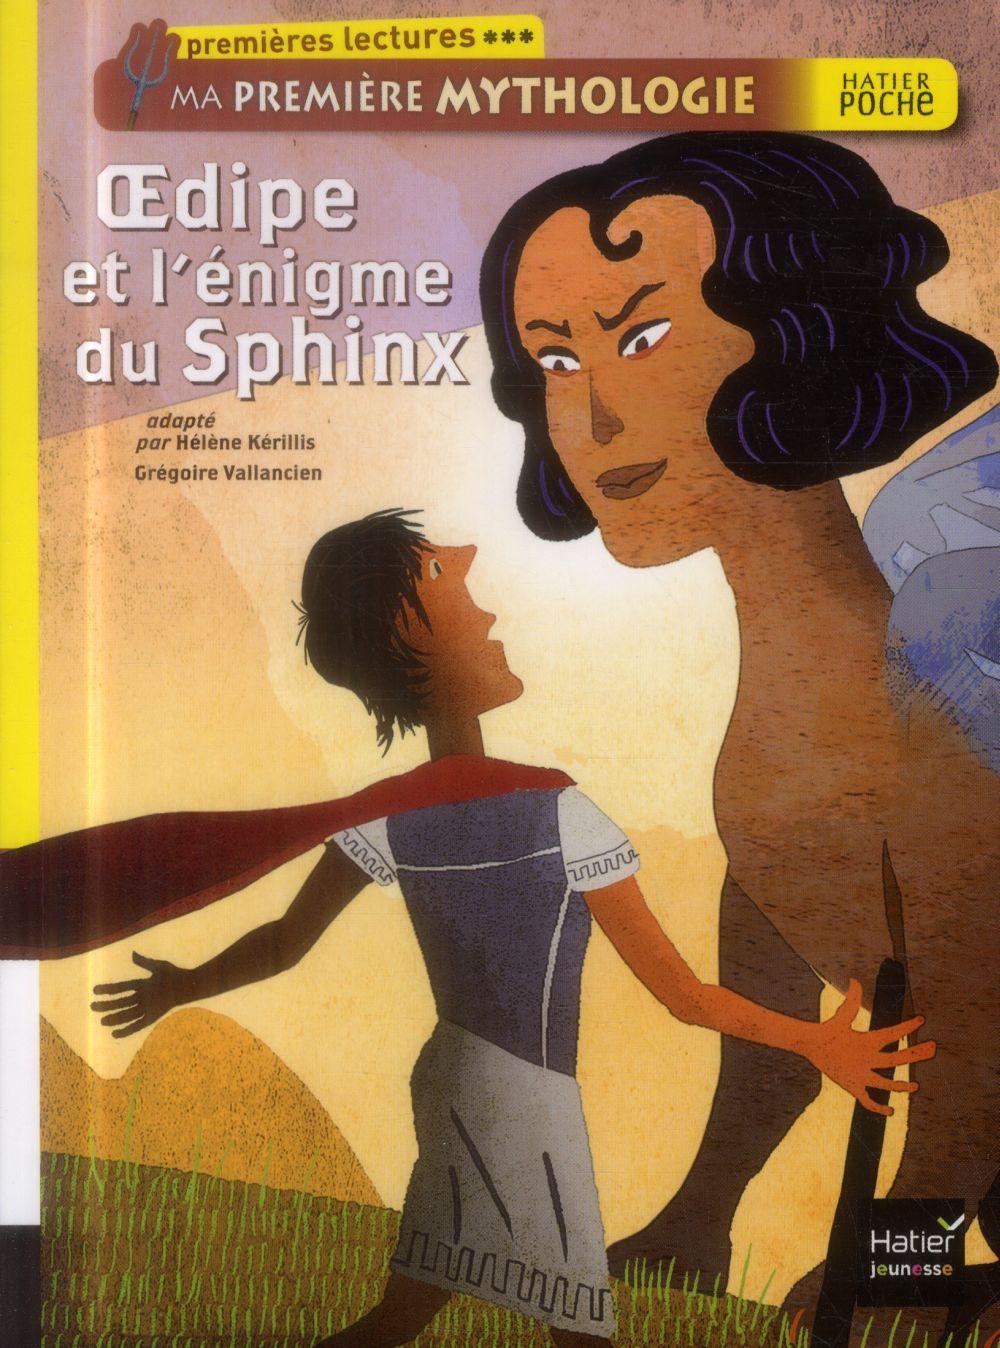 ma première mythologie ; Oedipe et l'enigme du Sphinx